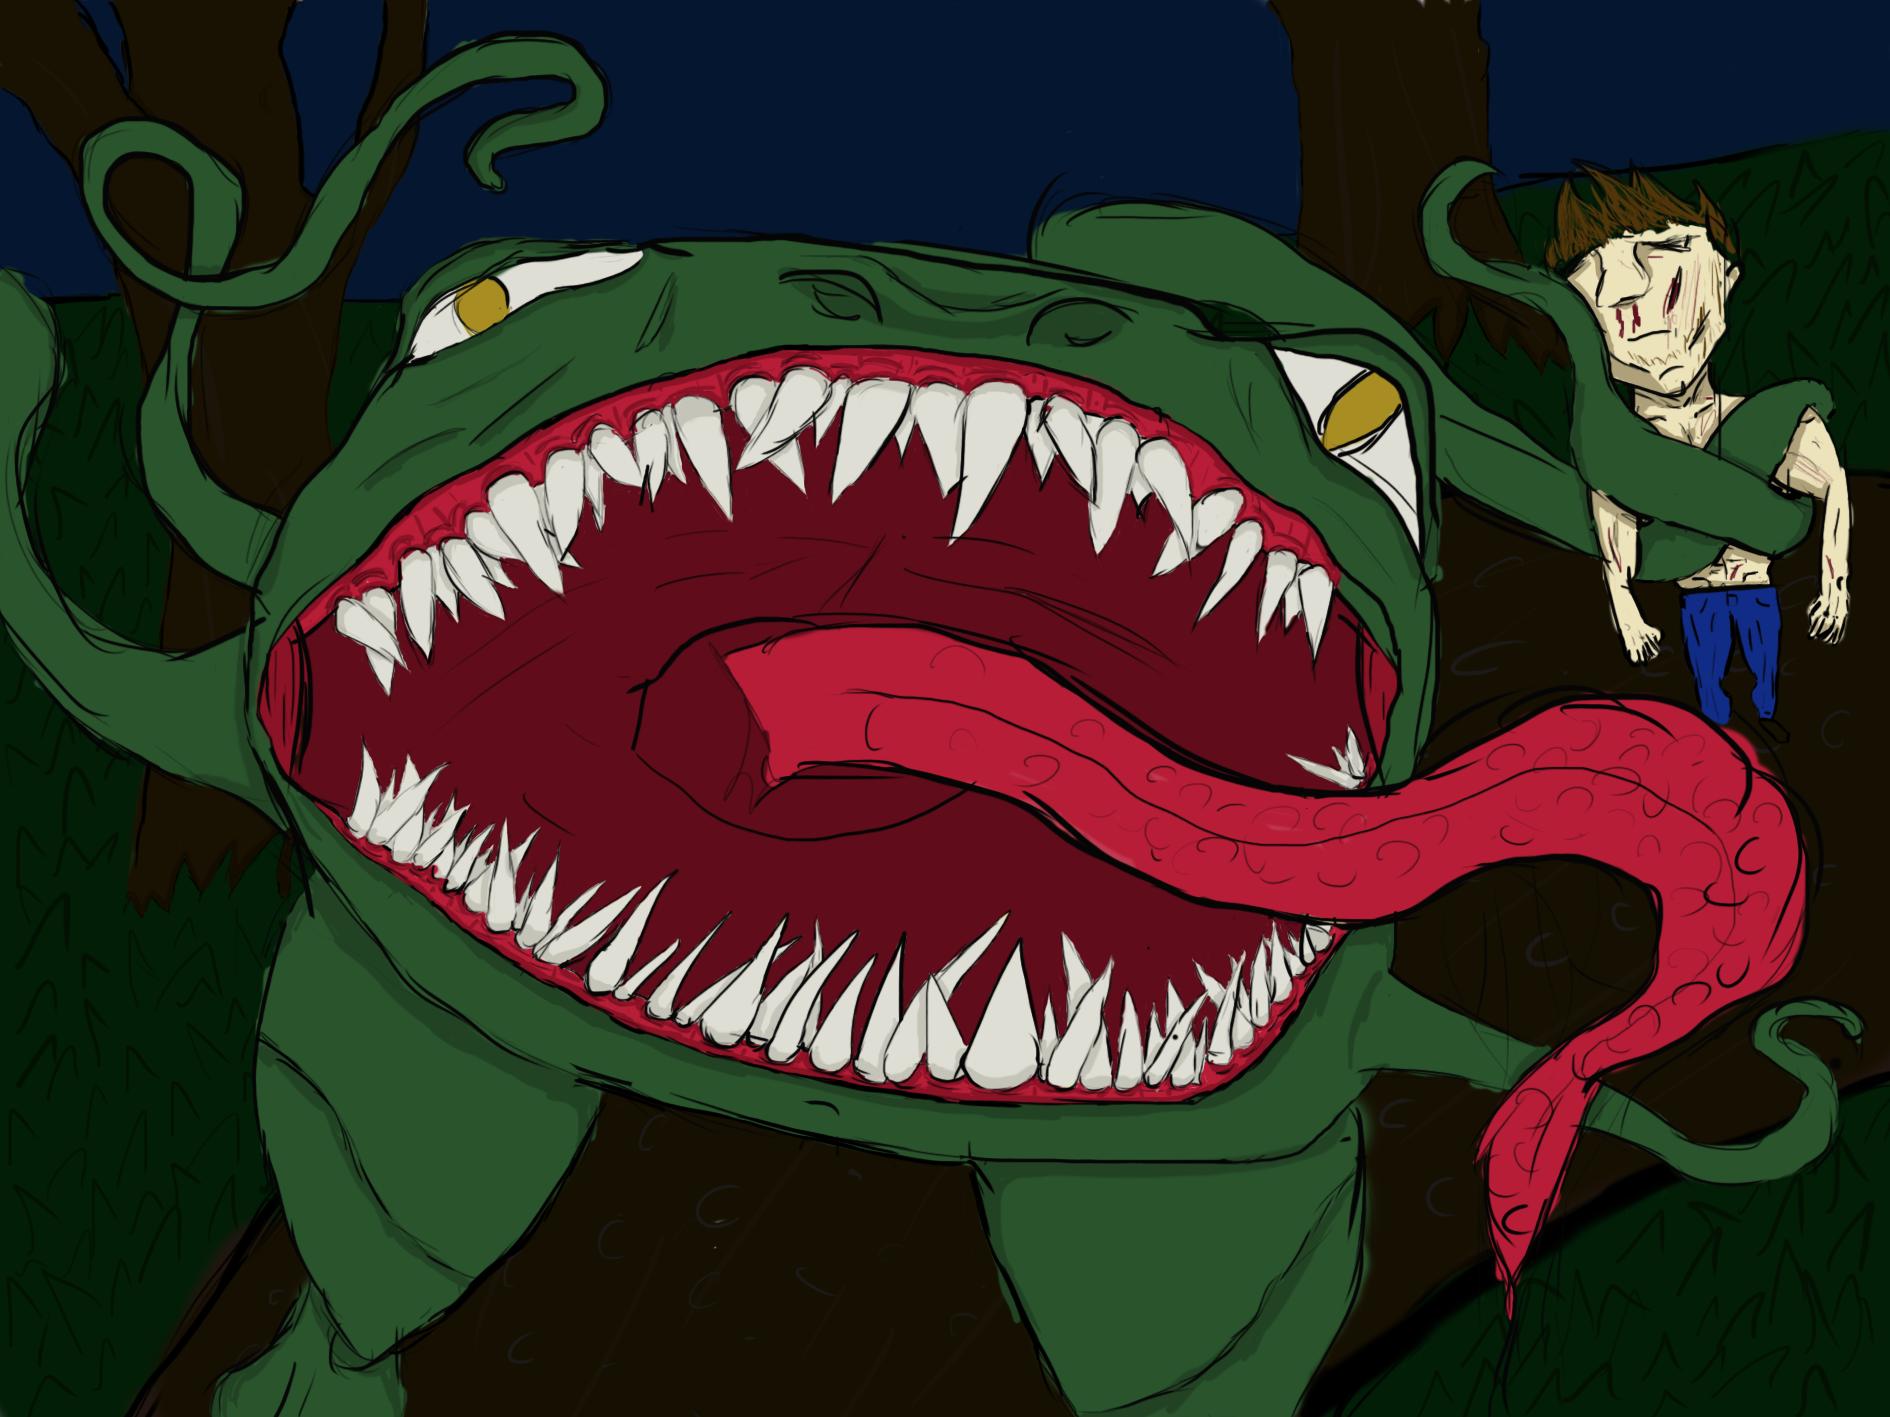 Monsterfrog